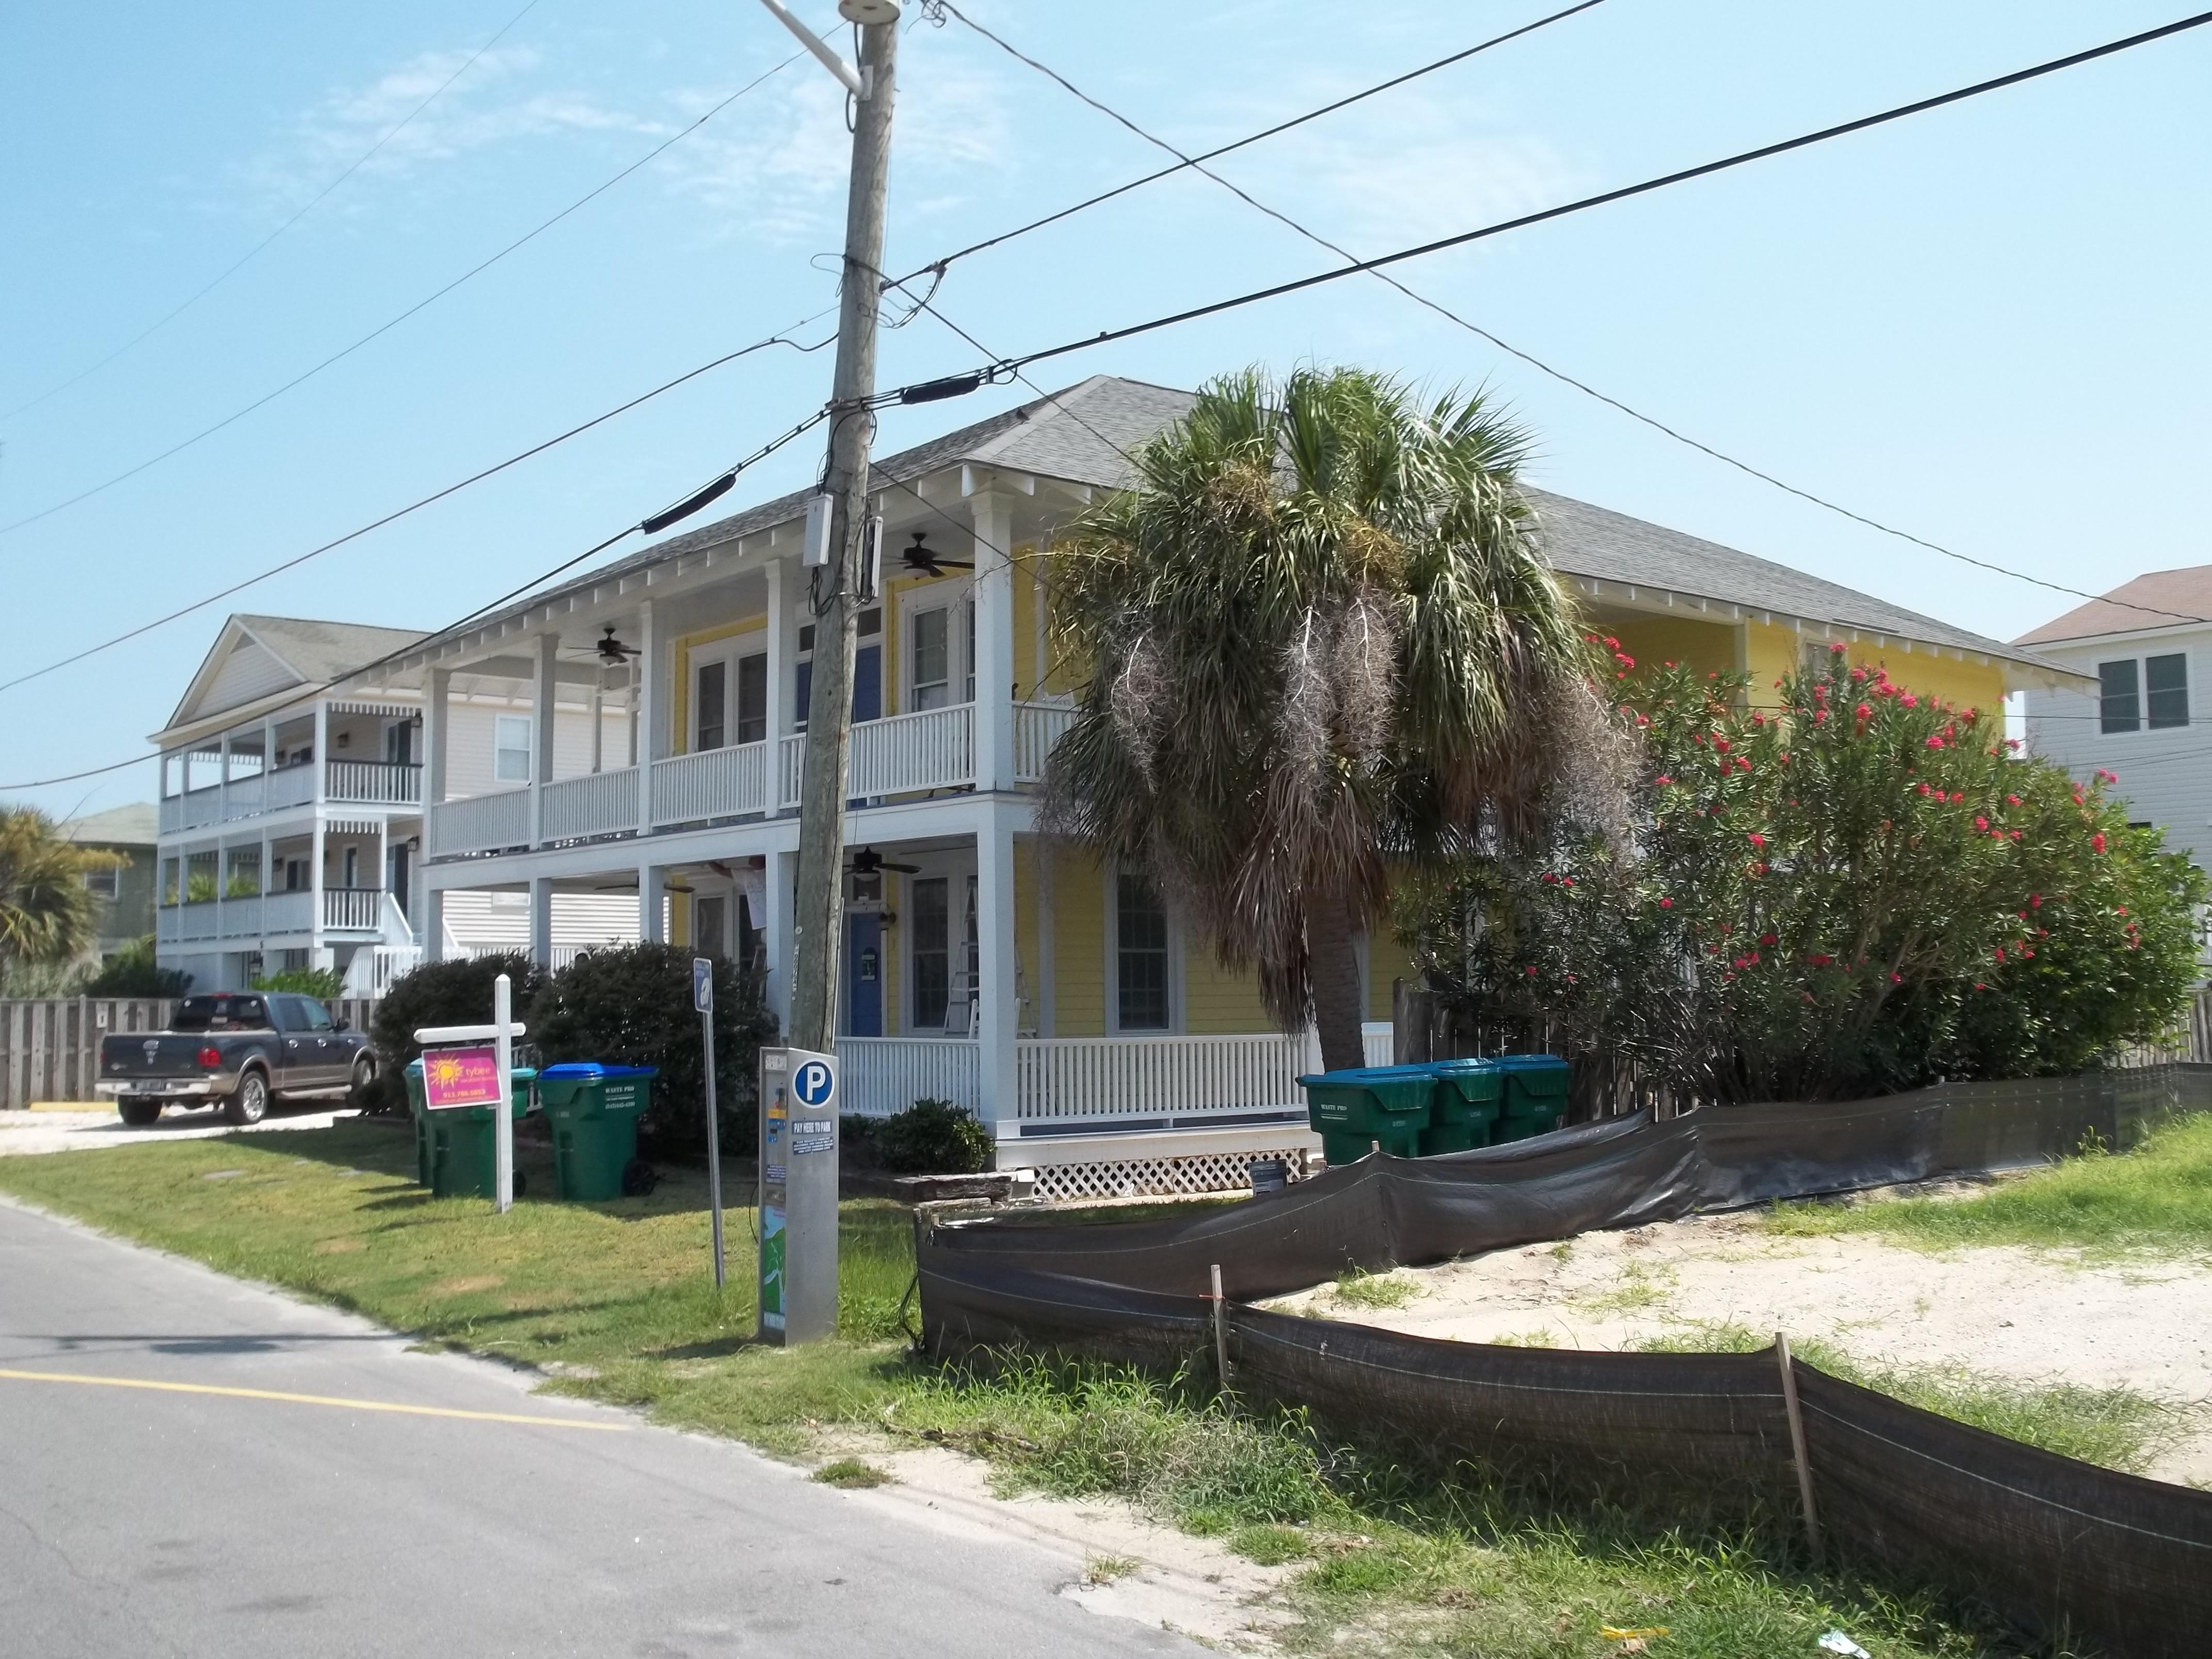 Apartments Tybee Island Ga